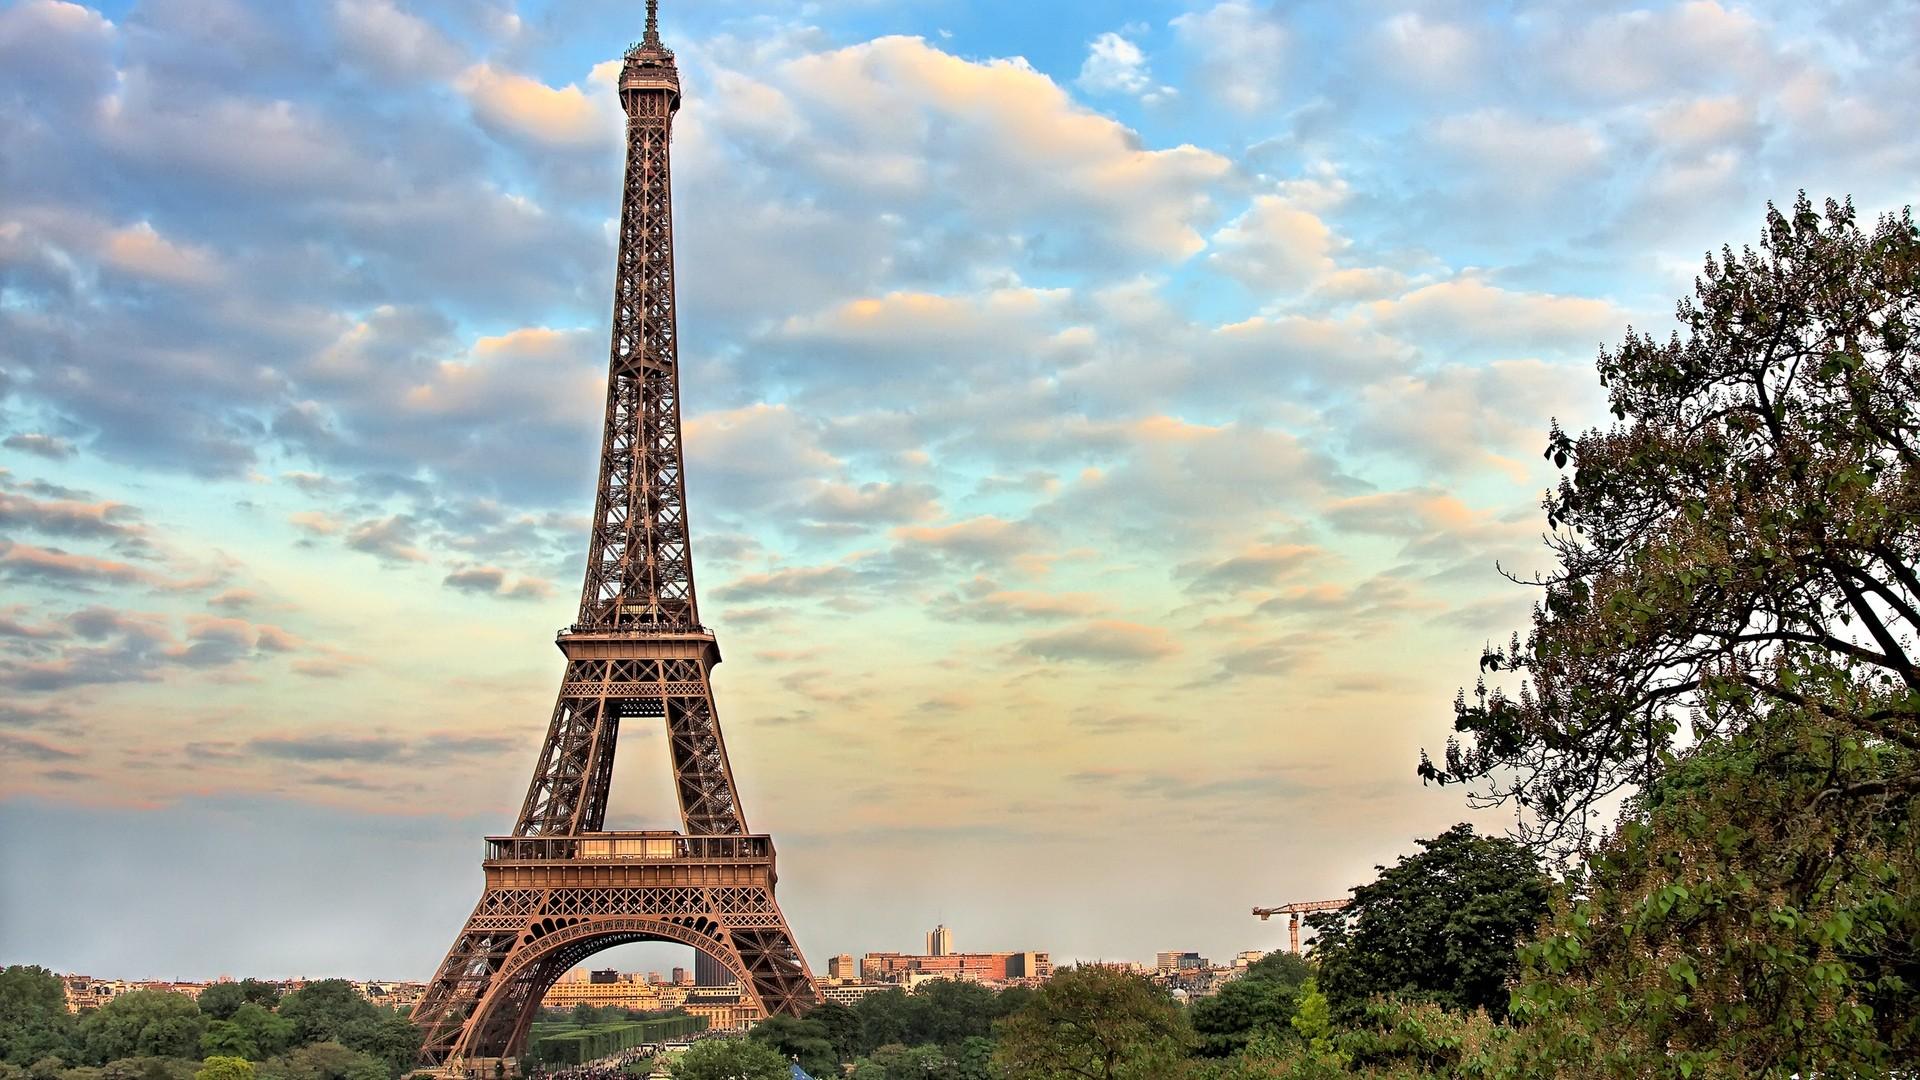 Eiffel Tower High Quality